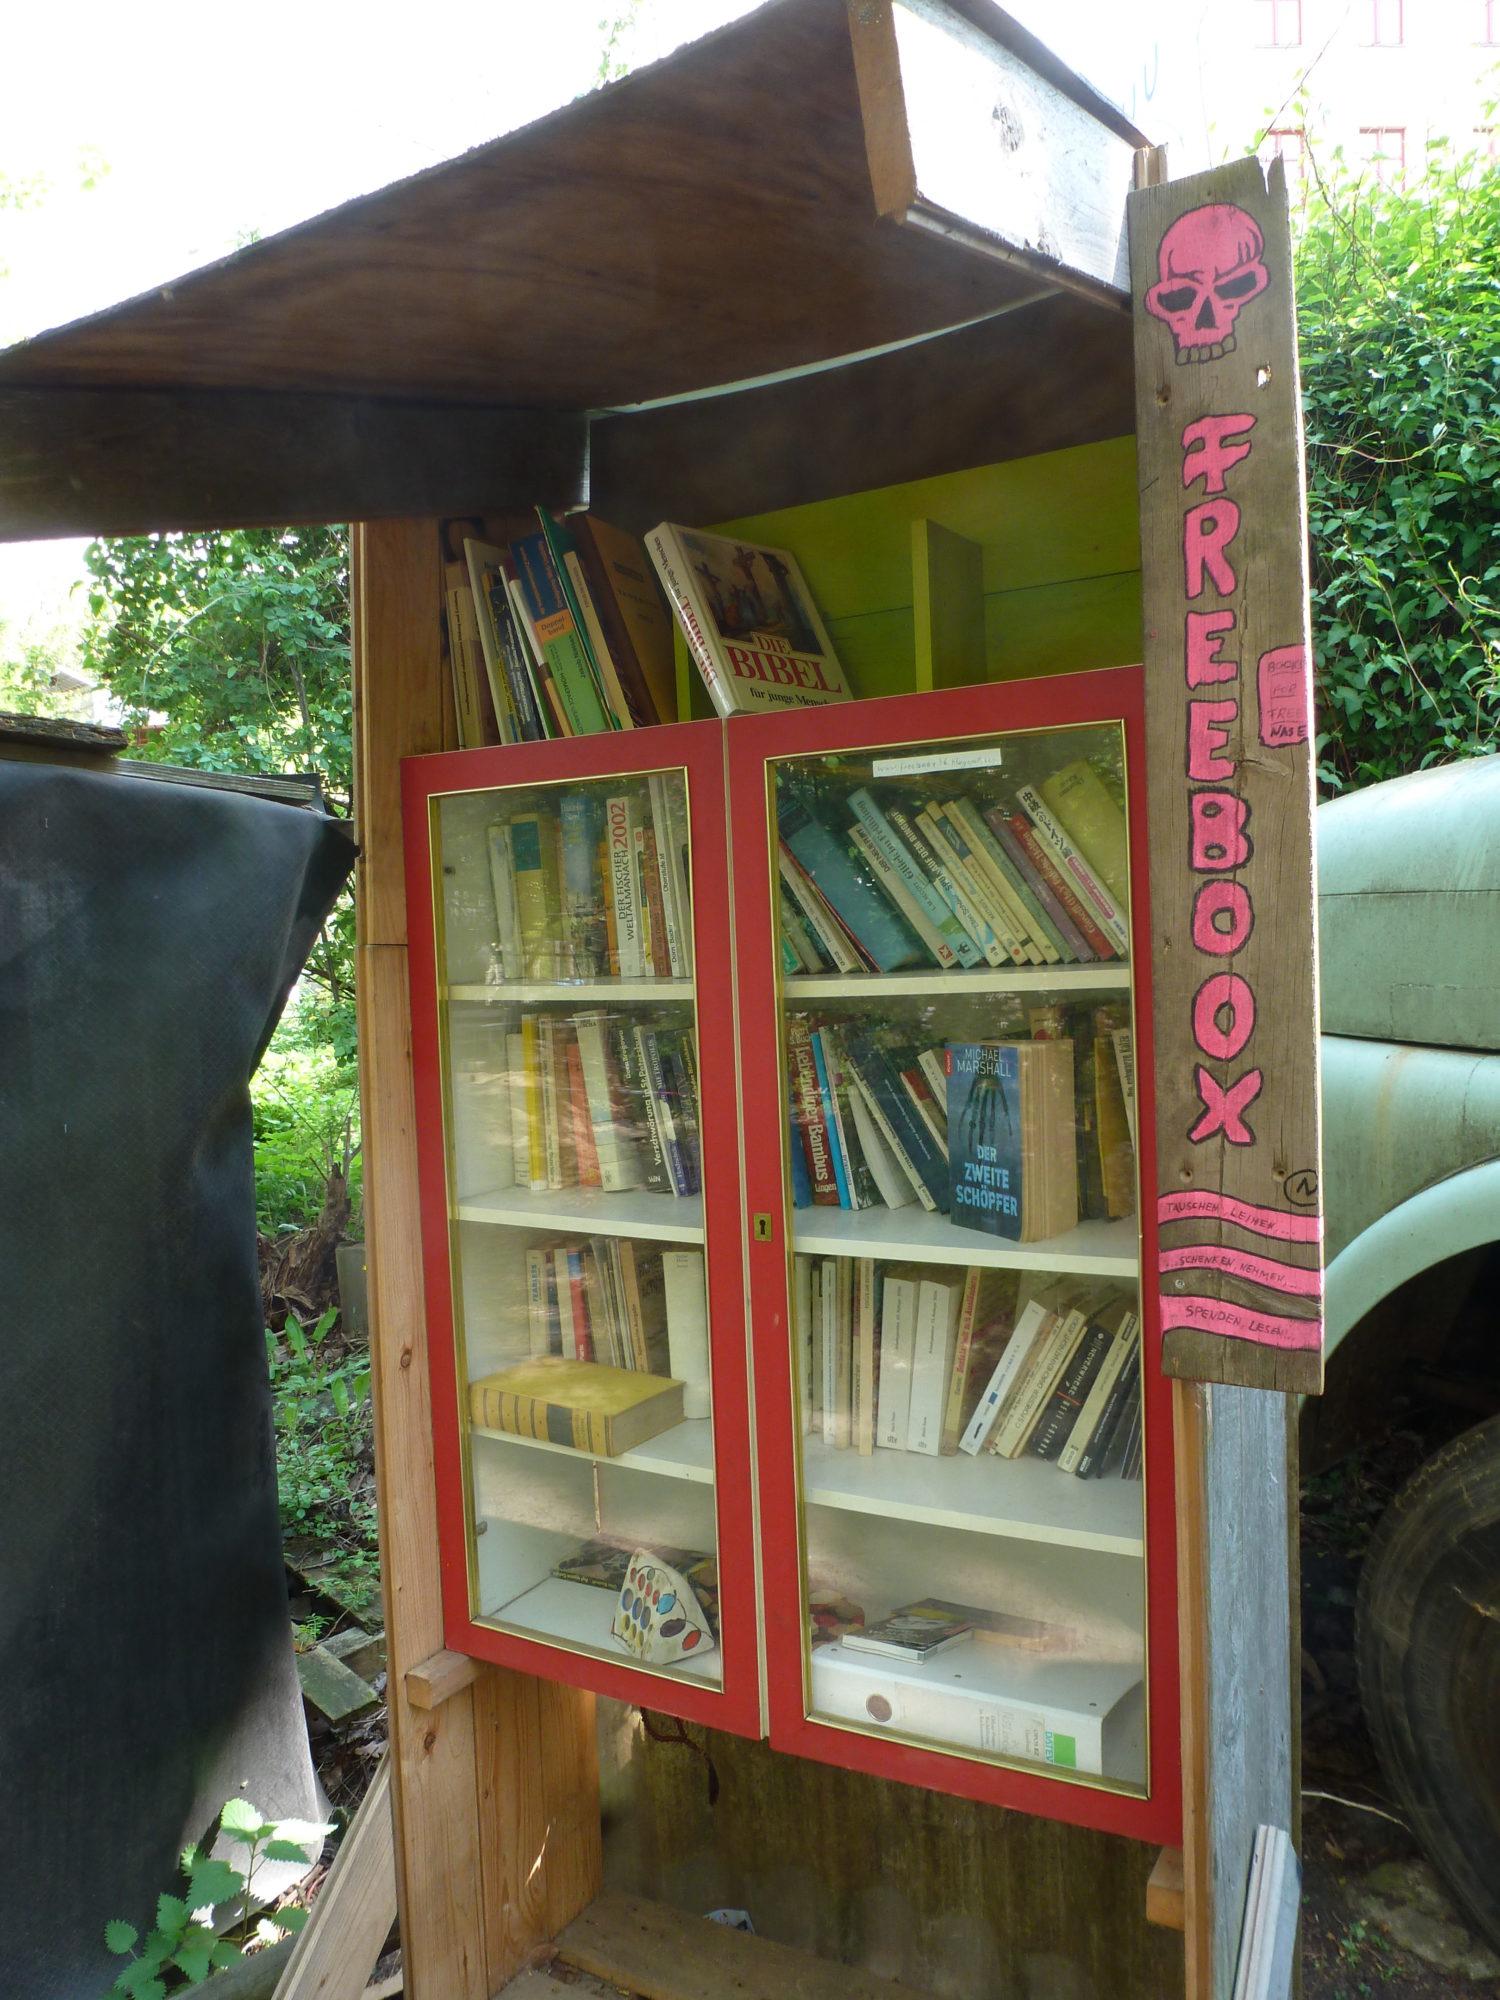 Öffentlicher Bücherschrank Berlin: Schmökern nach dem Stallausmisten und Umgraben: Bücherschrank auf dem Kinderbauernhof. Foto: Eva Apraku